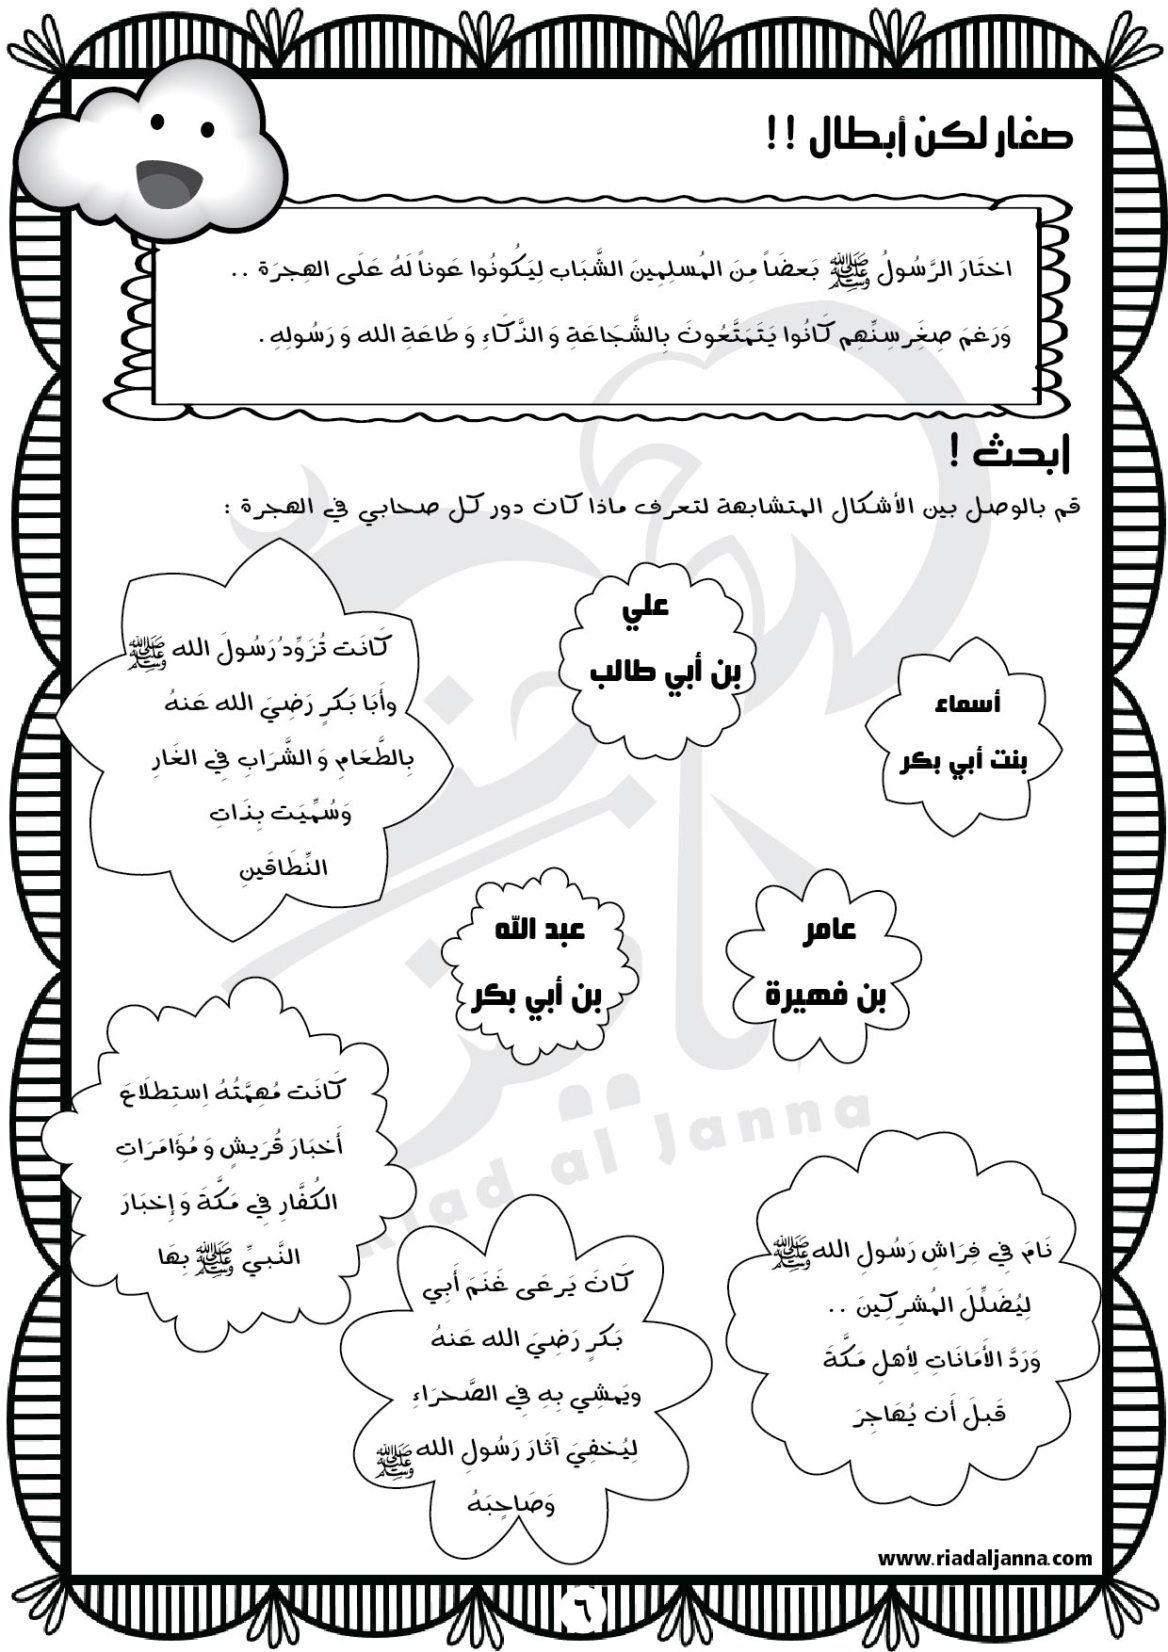 أوراق عمل تشرح قصة الهجرة النبوية للأطفال مع تمارين ممتعة و رسوم للمسجد النبوي قديما و حديثا بأ Islamic Kids Activities Muslim Kids Activities Islam For Kids